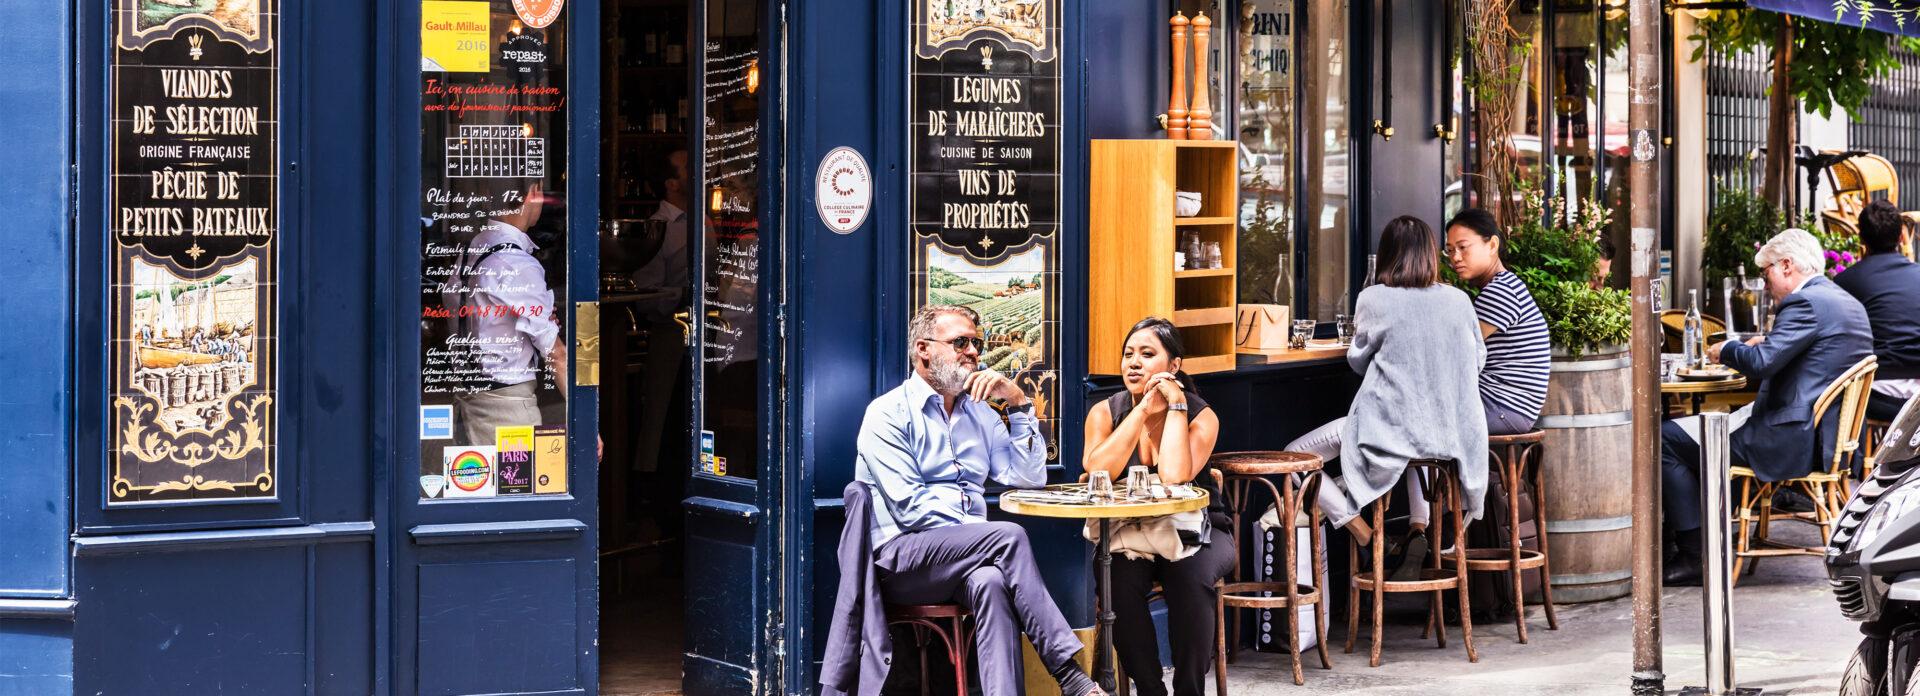 guttetur Paris Frankrike vennetur hva skal man gjore